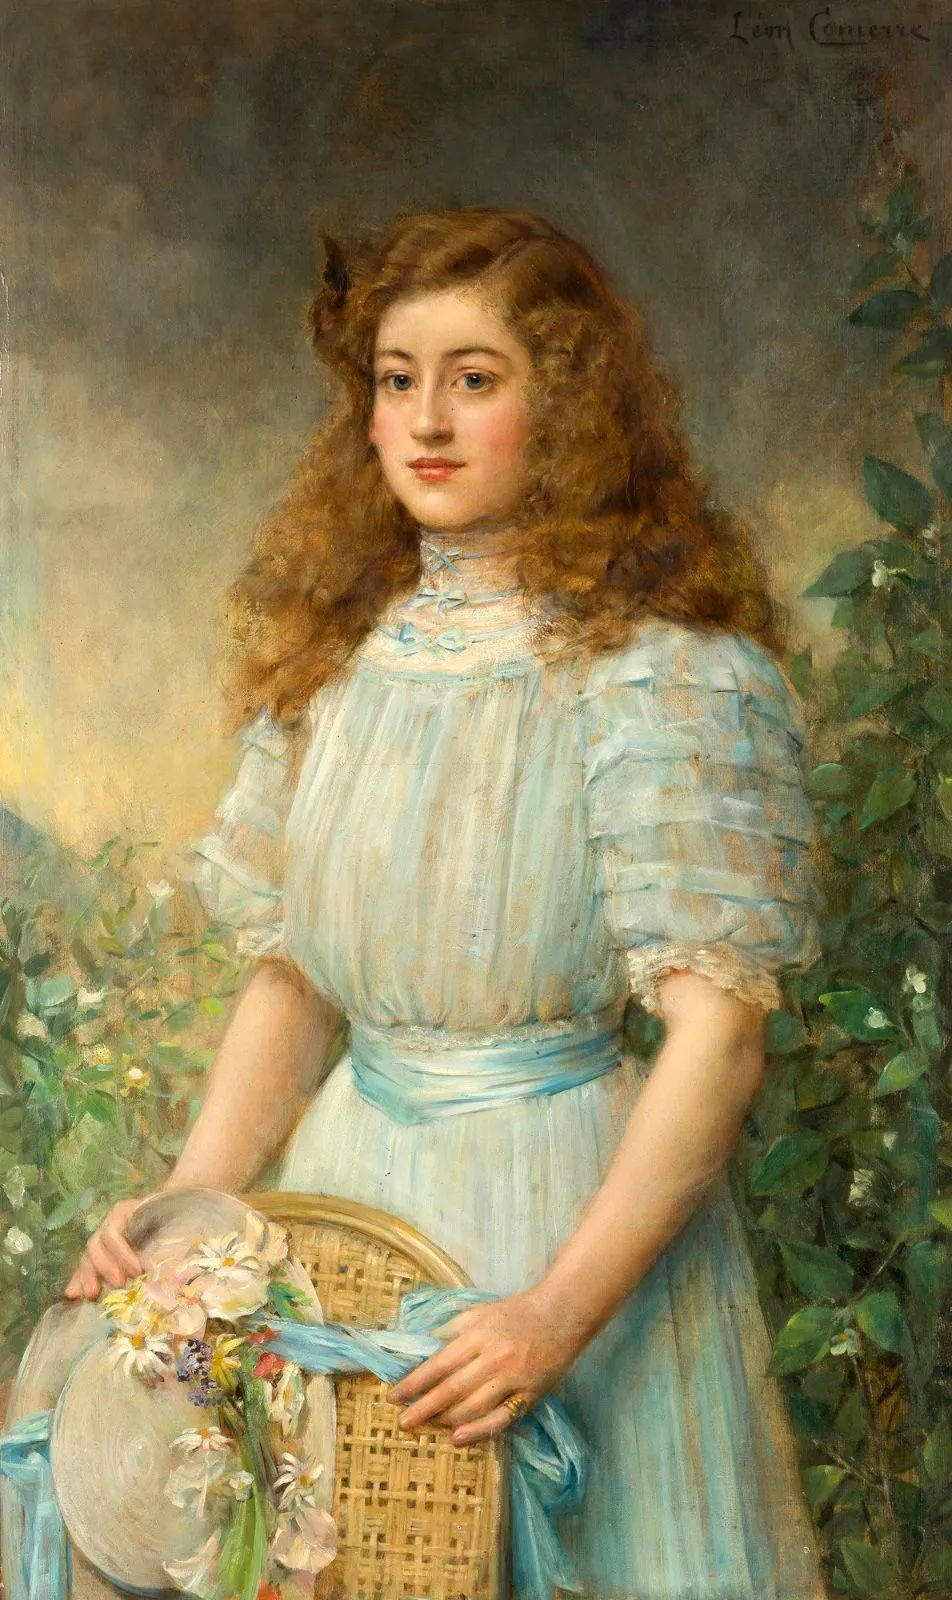 法国学院派画家科默尔,笔下的美丽女性插图11